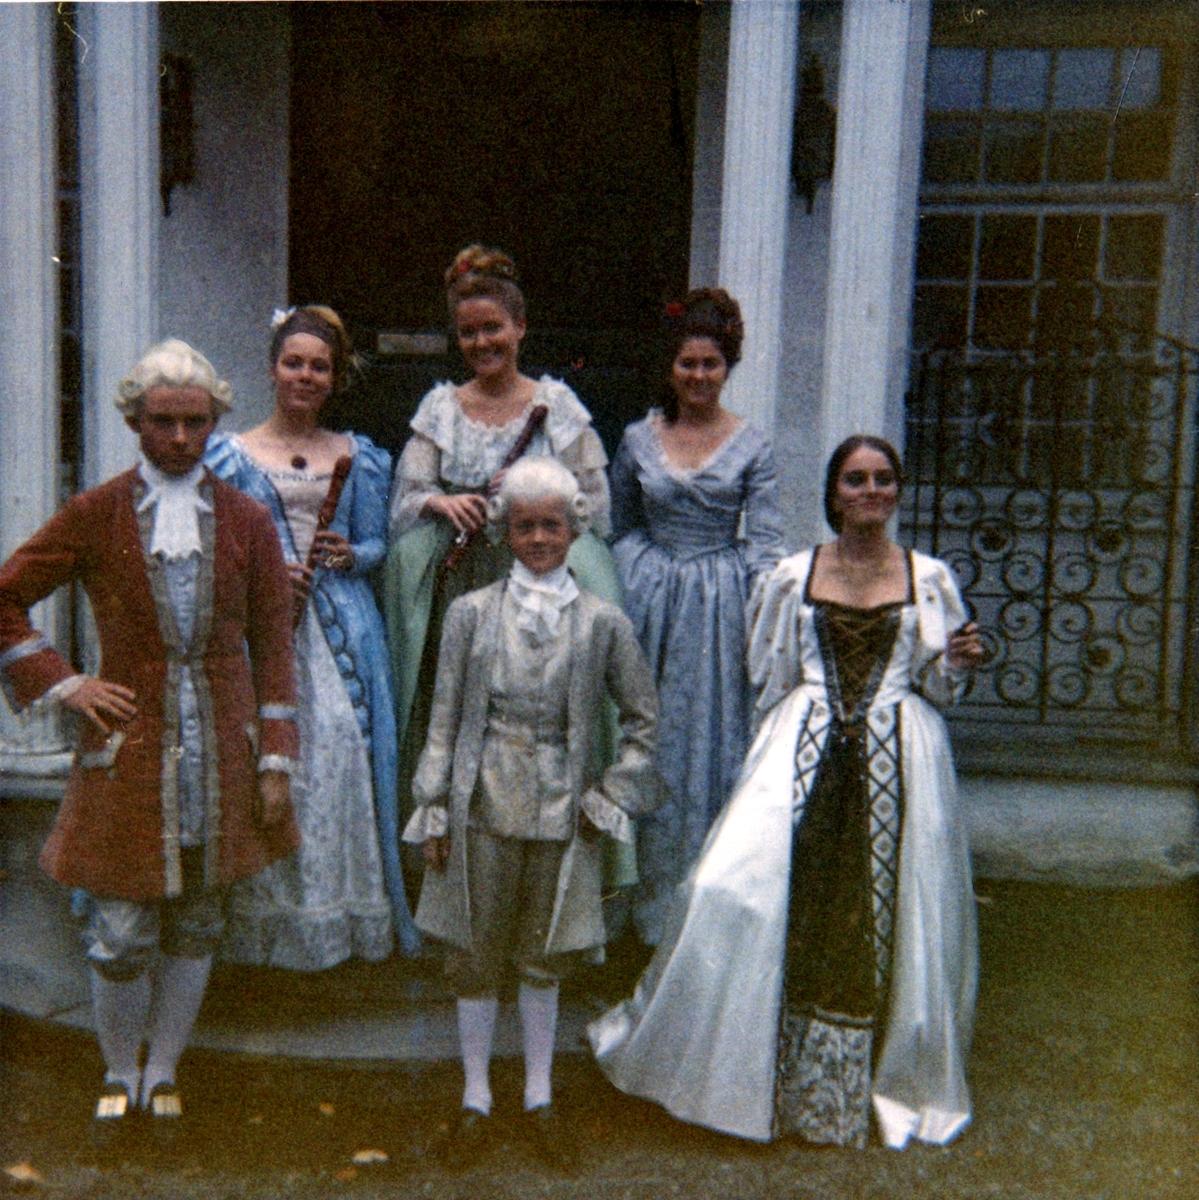 Bilde av en gruppe unge artister ikledd historiske kostymer på trappen til direktørboligen, tatt i forbindelse med en opptreden på museet. Ytterst til høyre står Ruth Wærdal, tidligere assistent ved museet.